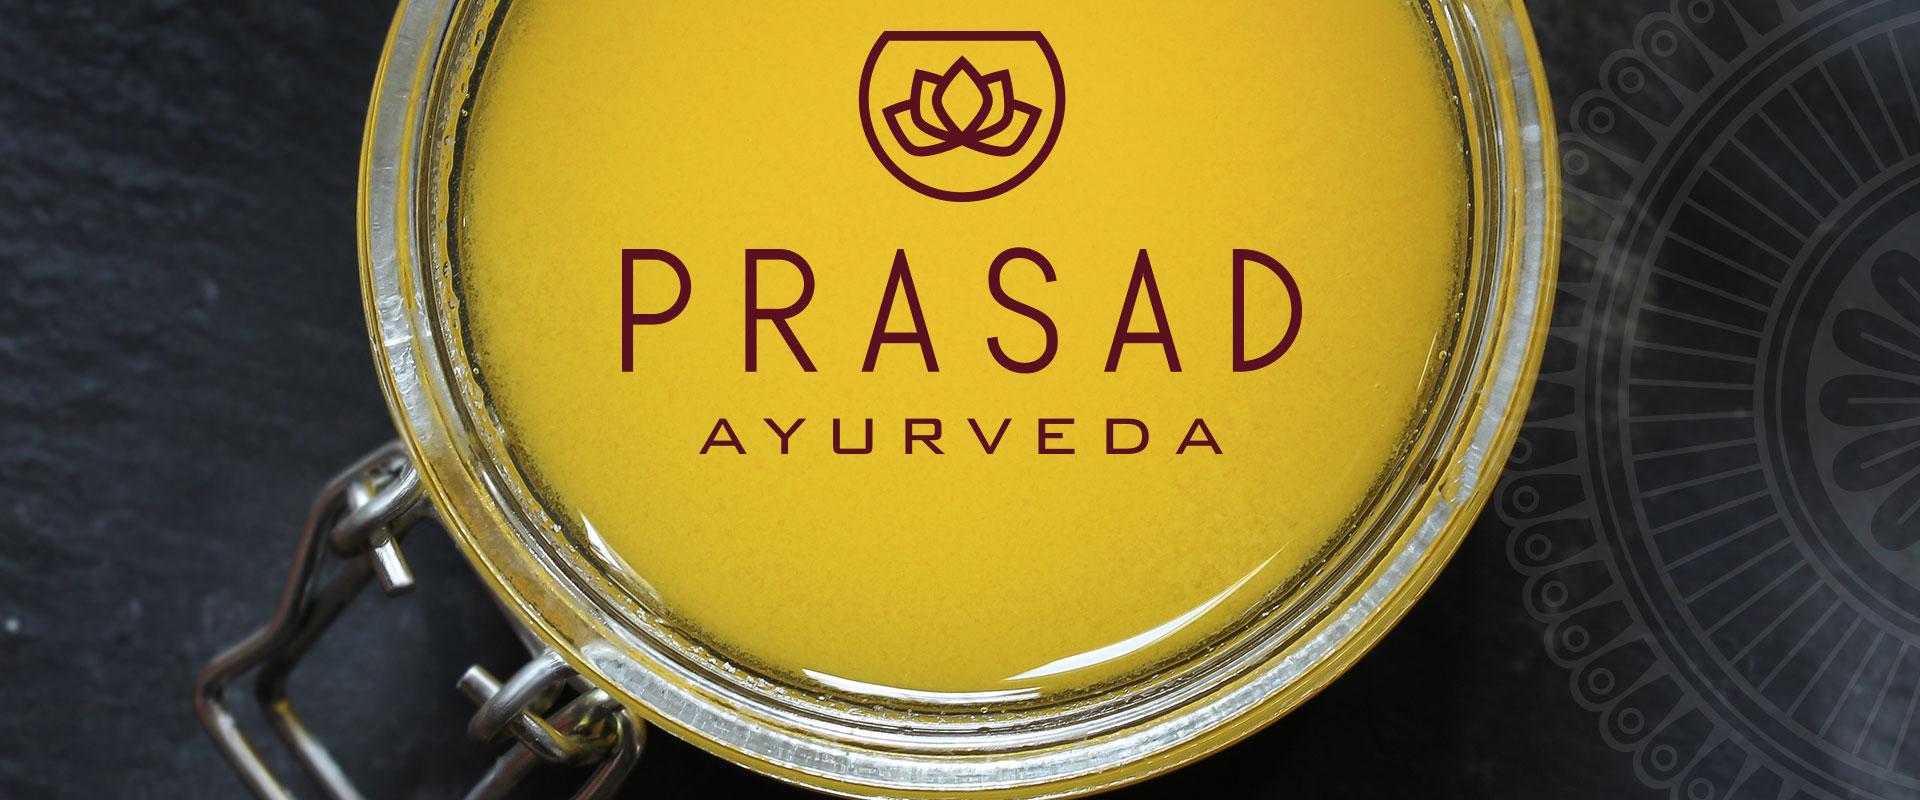 prasad_produits_top